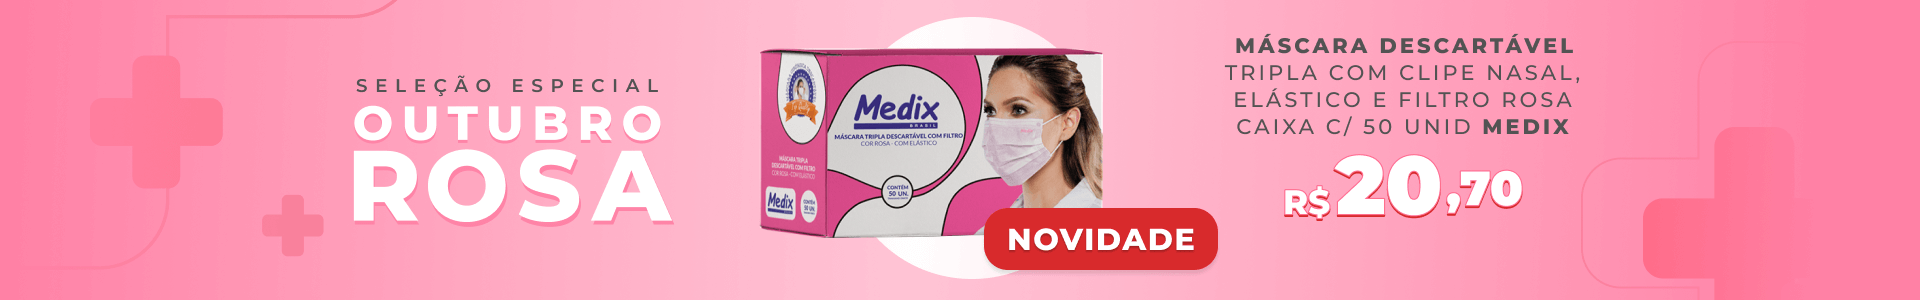 Máscara Descartável Tripla com Clipe Nasal, Elástico e Filtro - Rosa - MEDIX